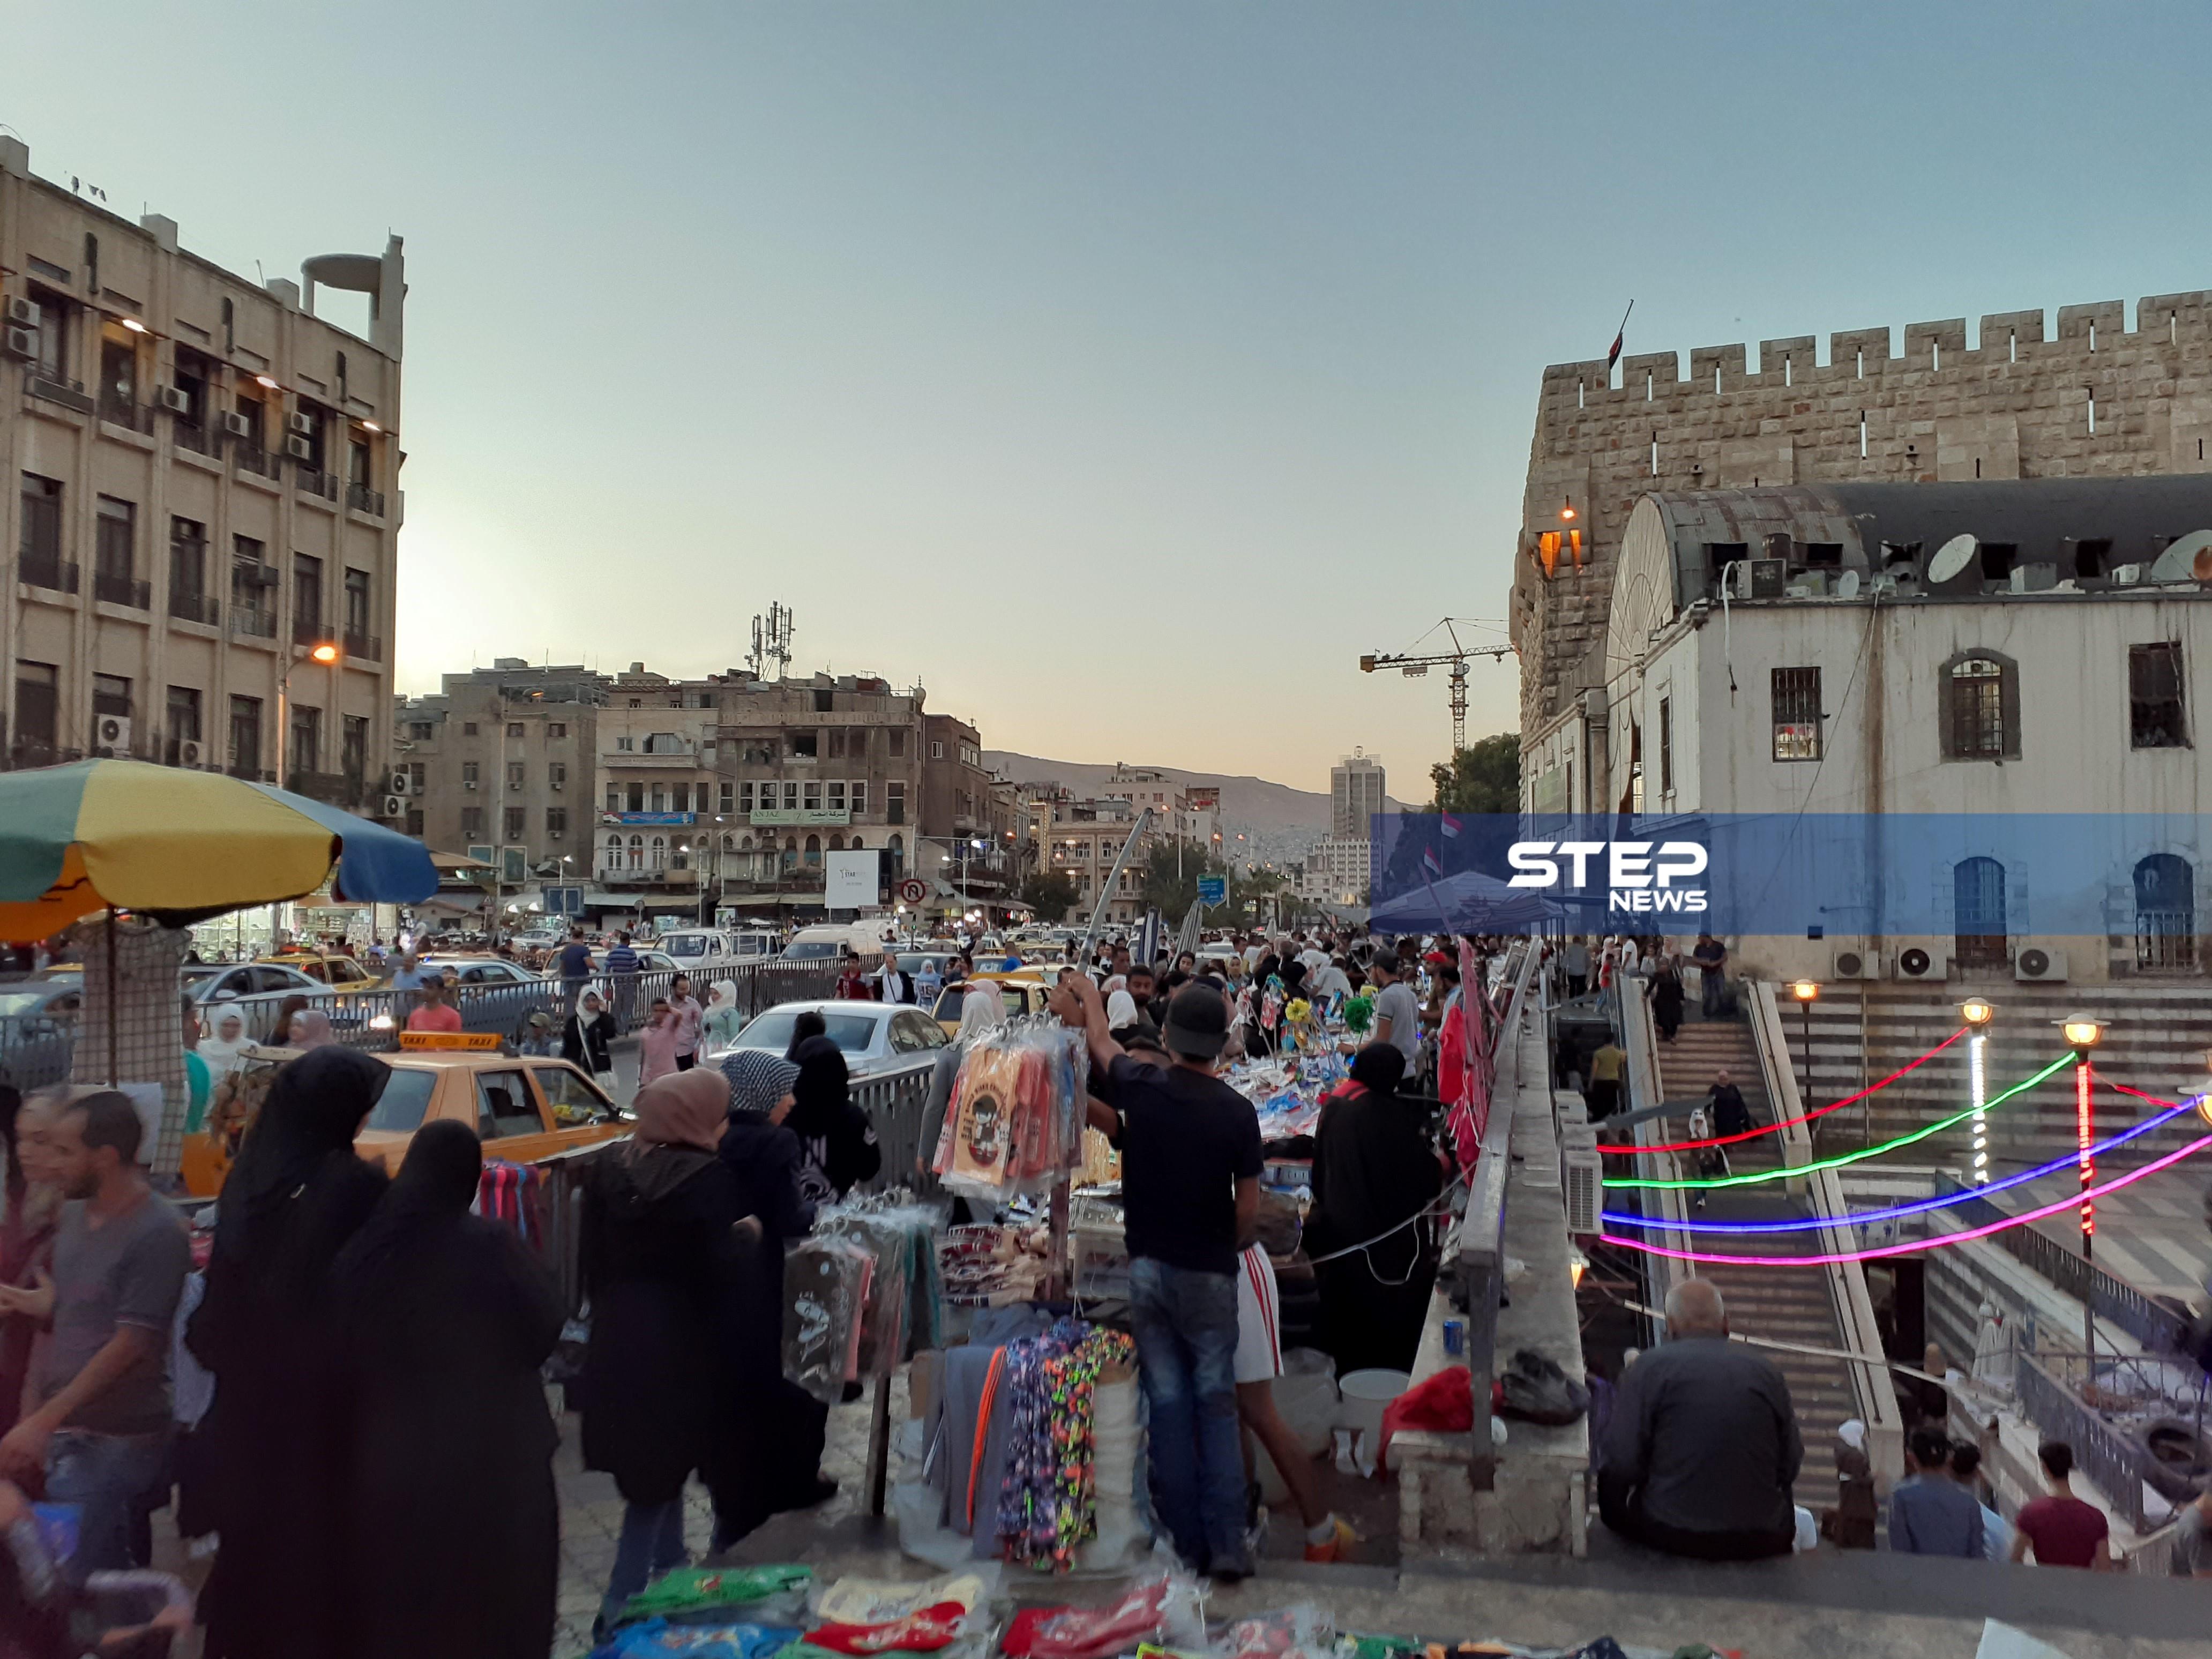 جولة لمراسل ستيب تظهر تحضيرات عيد الأضحى داخل أسواق العاصمة دمشق